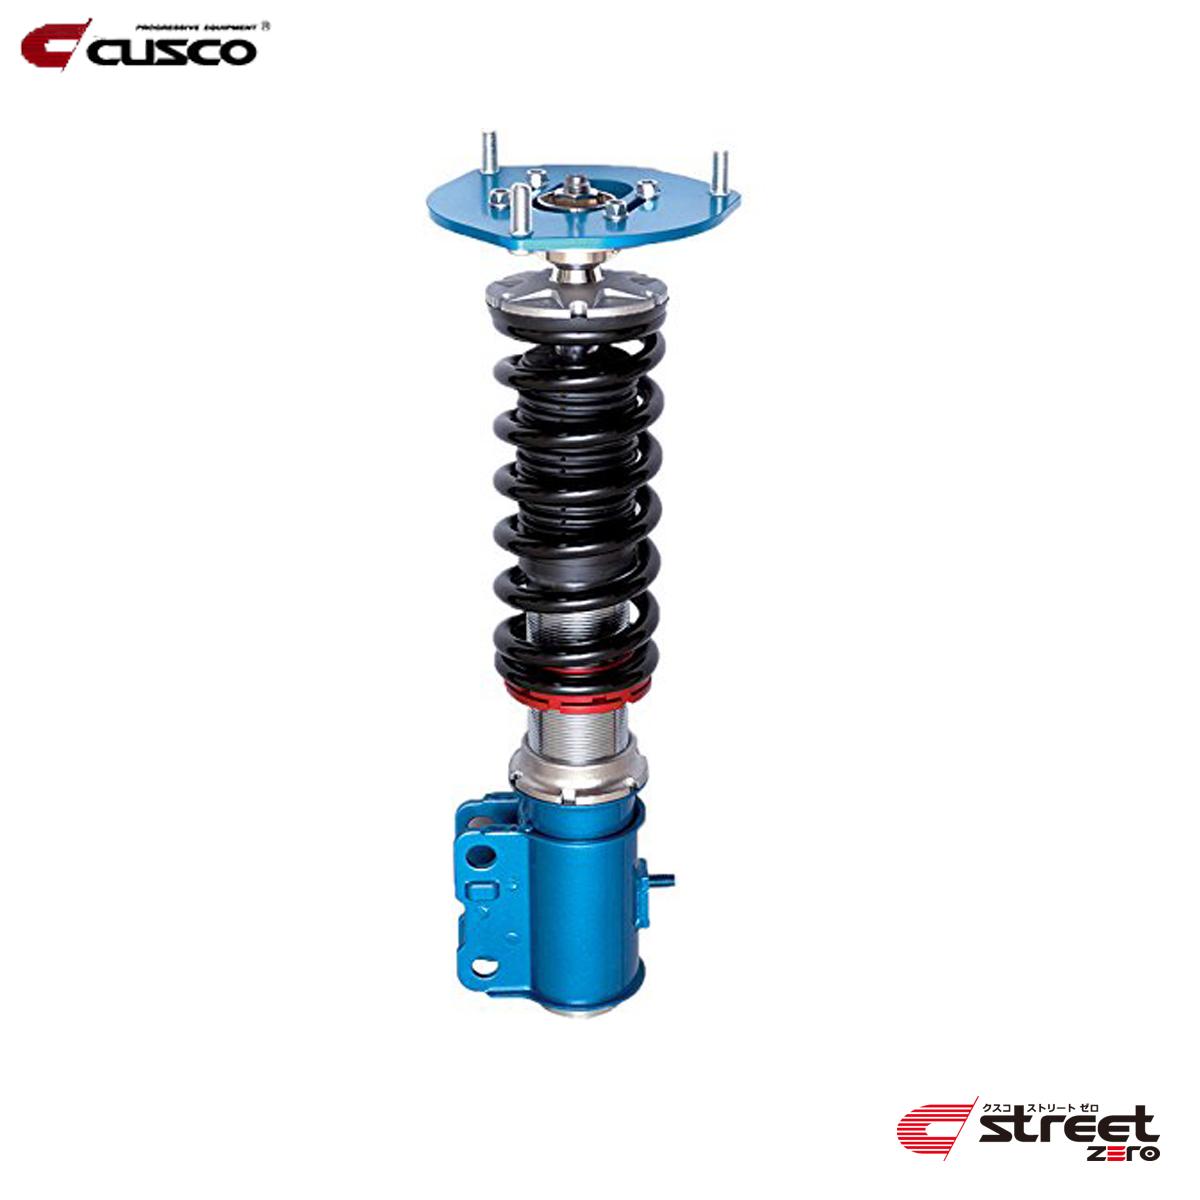 CUSCO クスコ フォレスター SG5 SG9 車高調 676-61P-CN